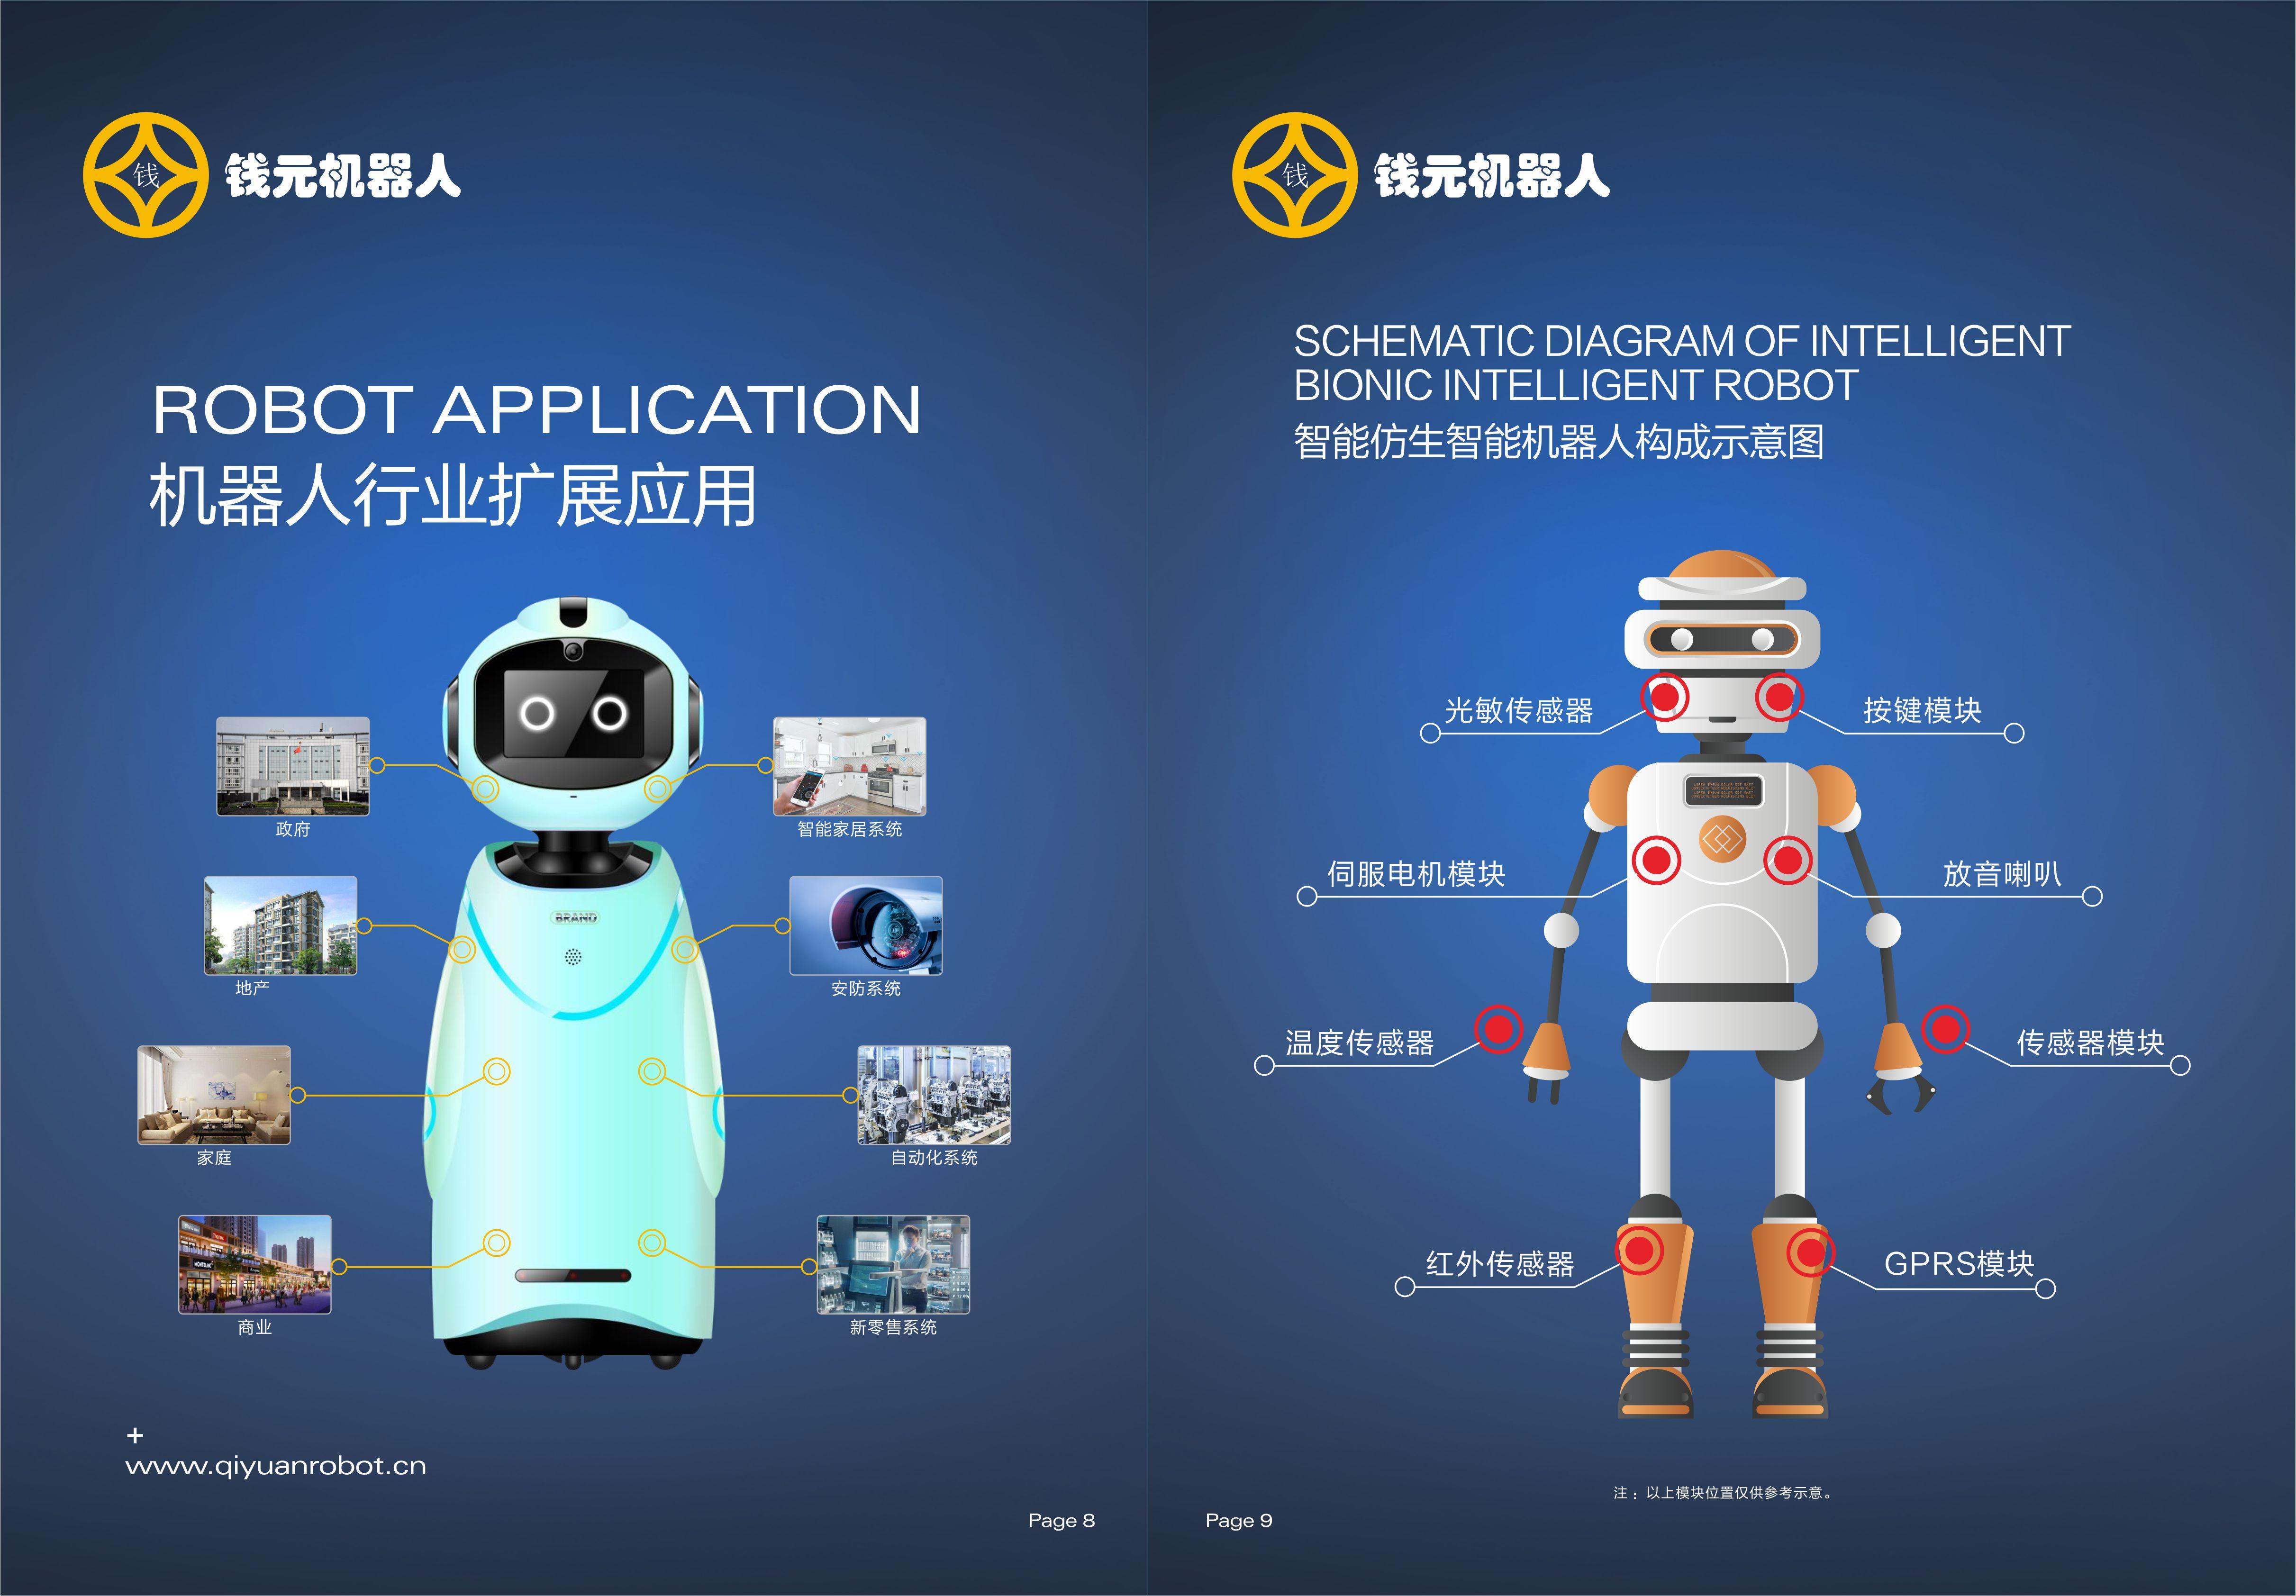 广东巡逻机器人的用途和特点,巡逻机器人